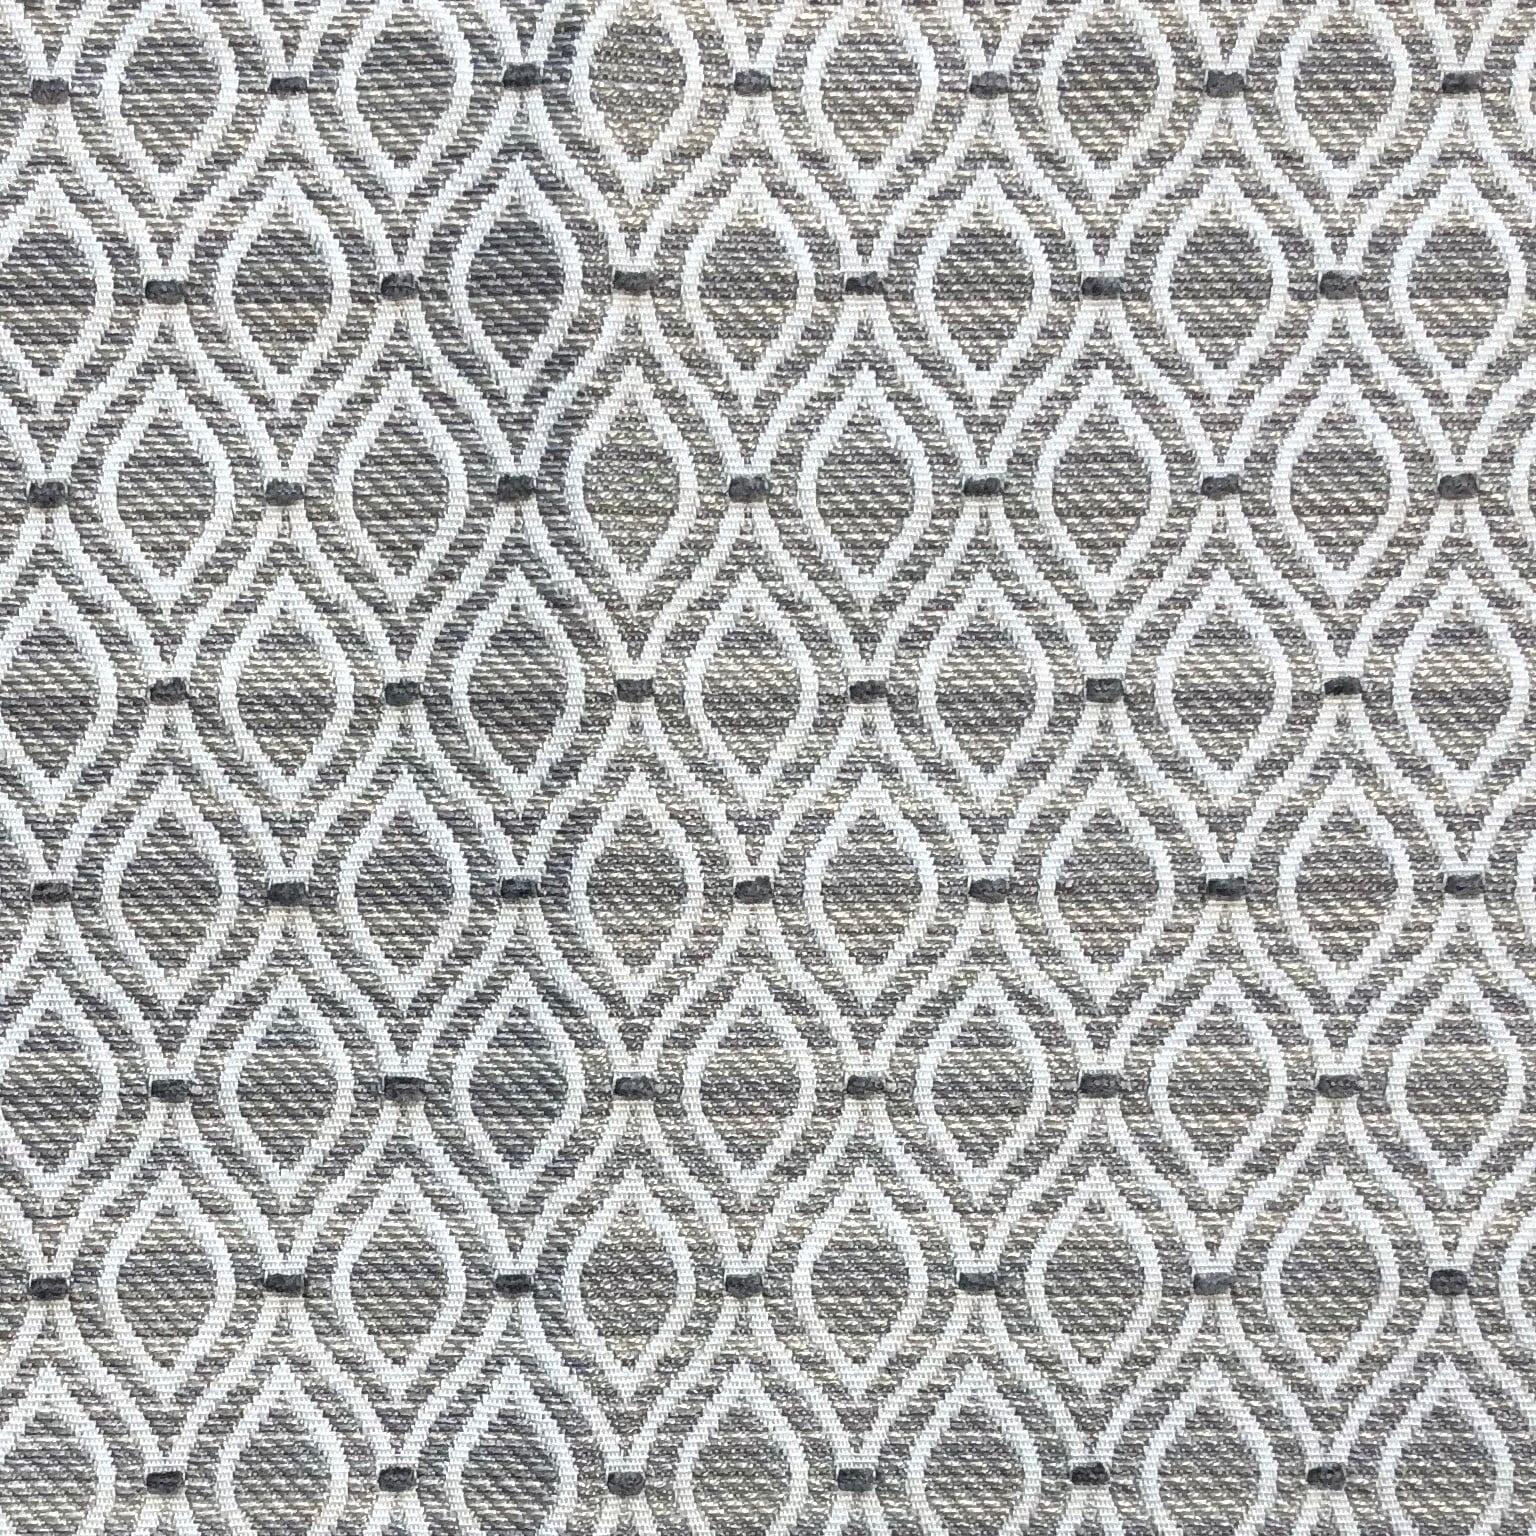 Plutus PBKR1945-2030-DP Deluxe Rockland Beige & Silver Luxury Throw Pillow, 20 x 30 in. Queen - image 1 of 3